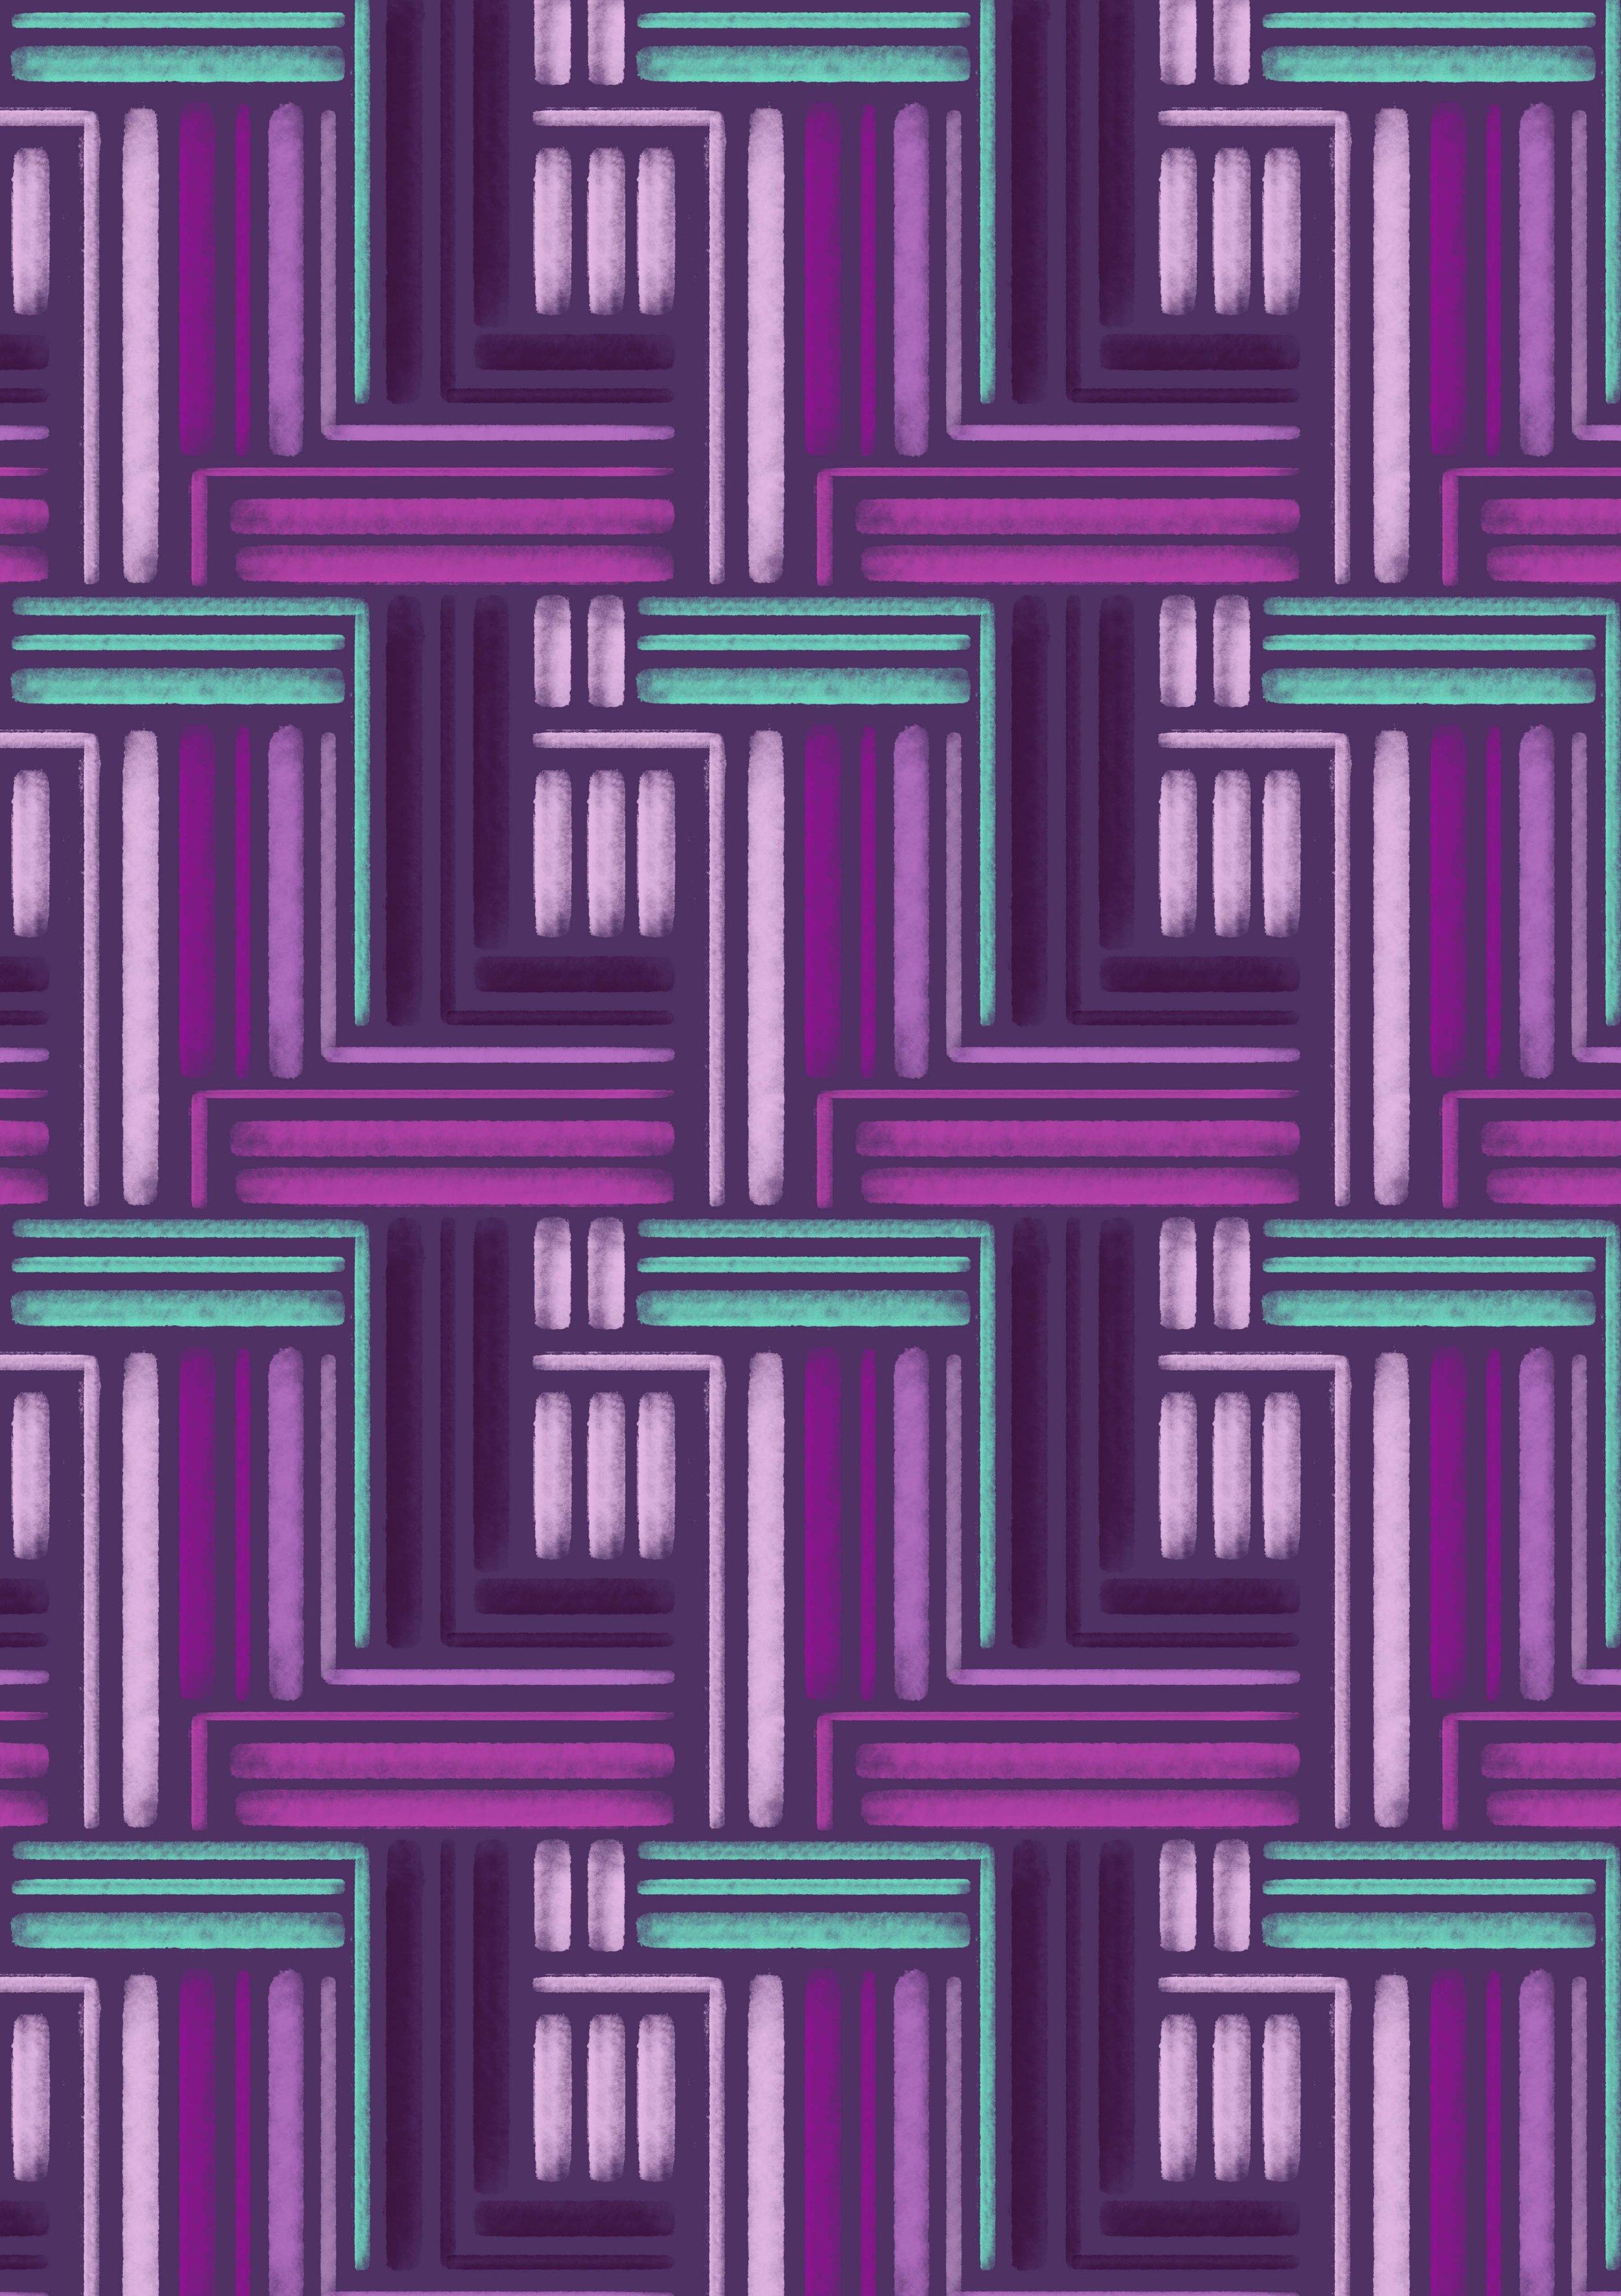 stripes_small_v3.jpg